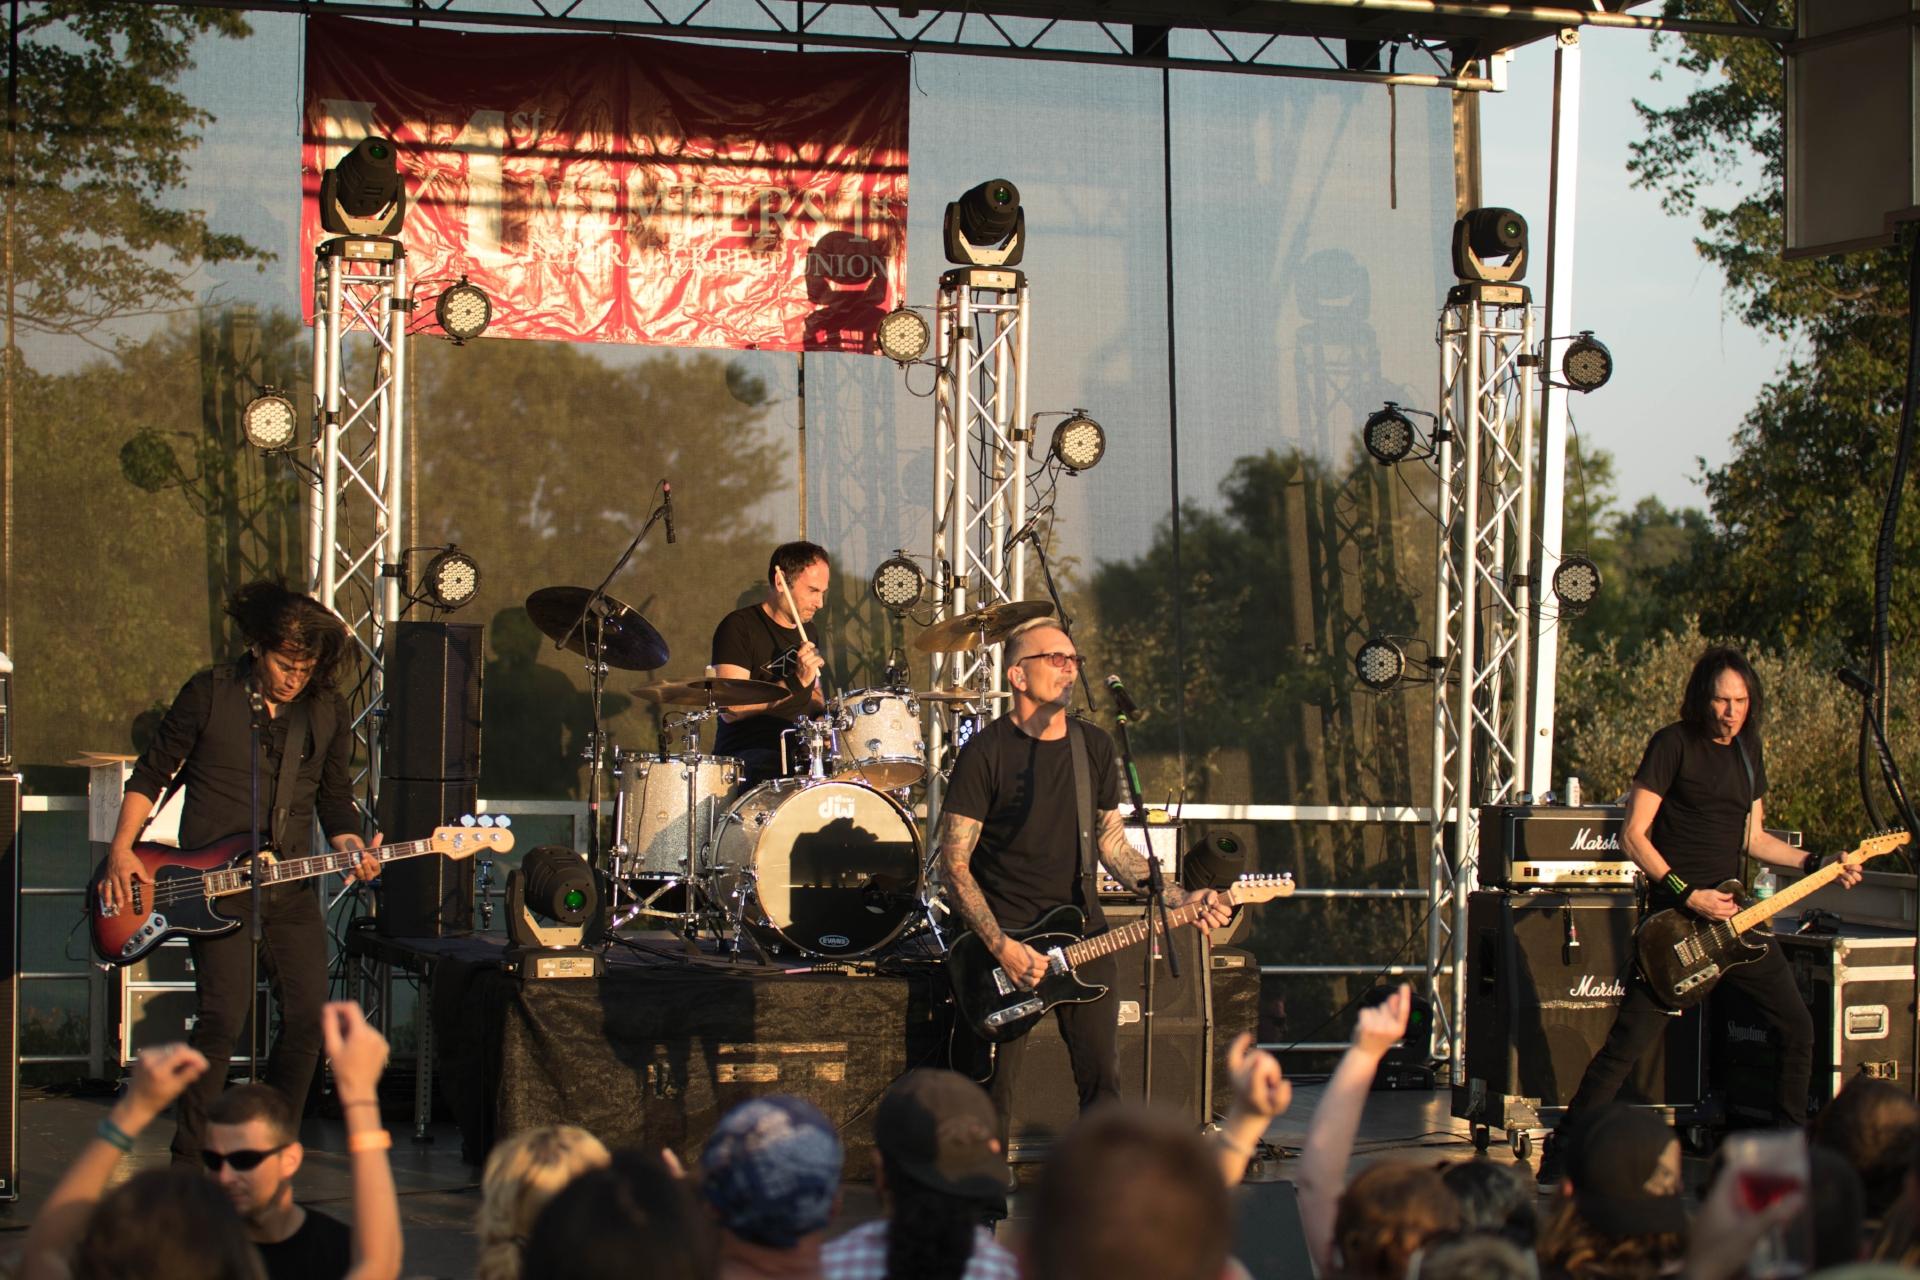 Events, Shows, Festivals, Concerts | Visit Hershey & Harrisburg